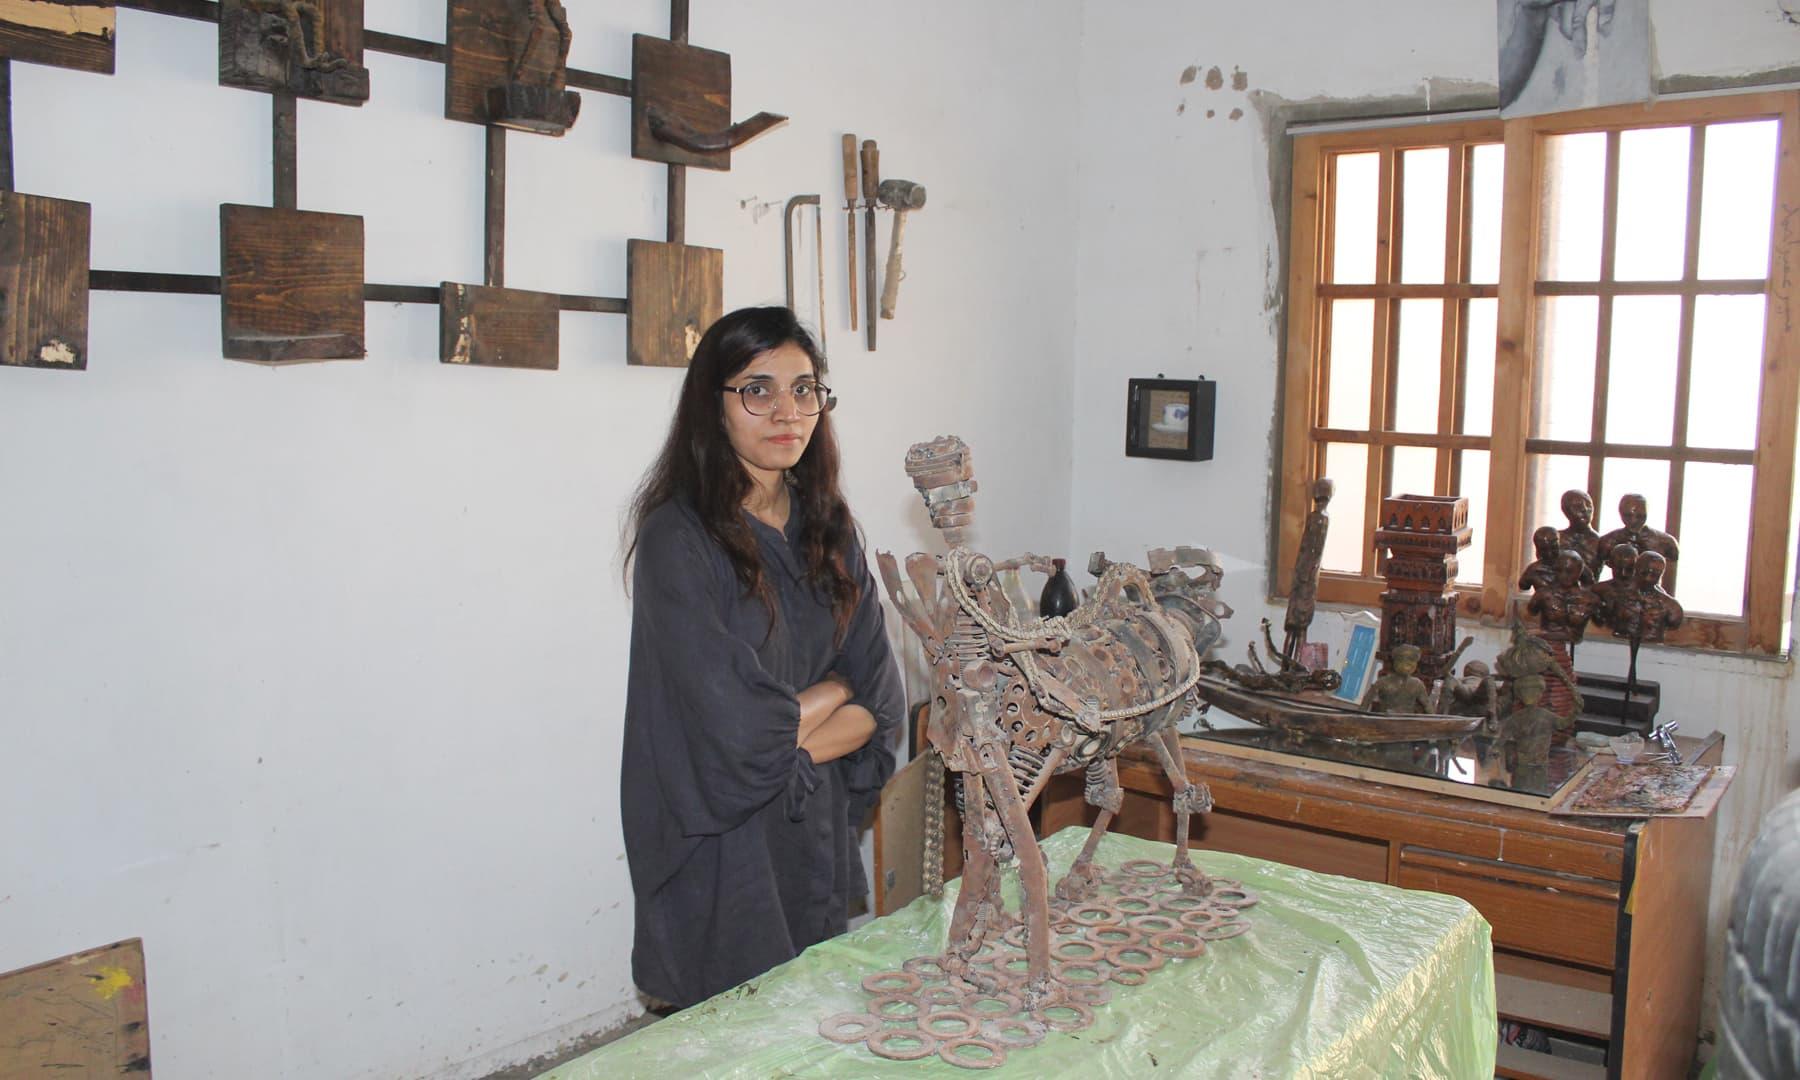 خوشی حسین حیدرآباد میں اپنے آرٹ اسٹوڈیو کے ساتھ ایک آرٹ شاپ بھی چلارہی ہیں